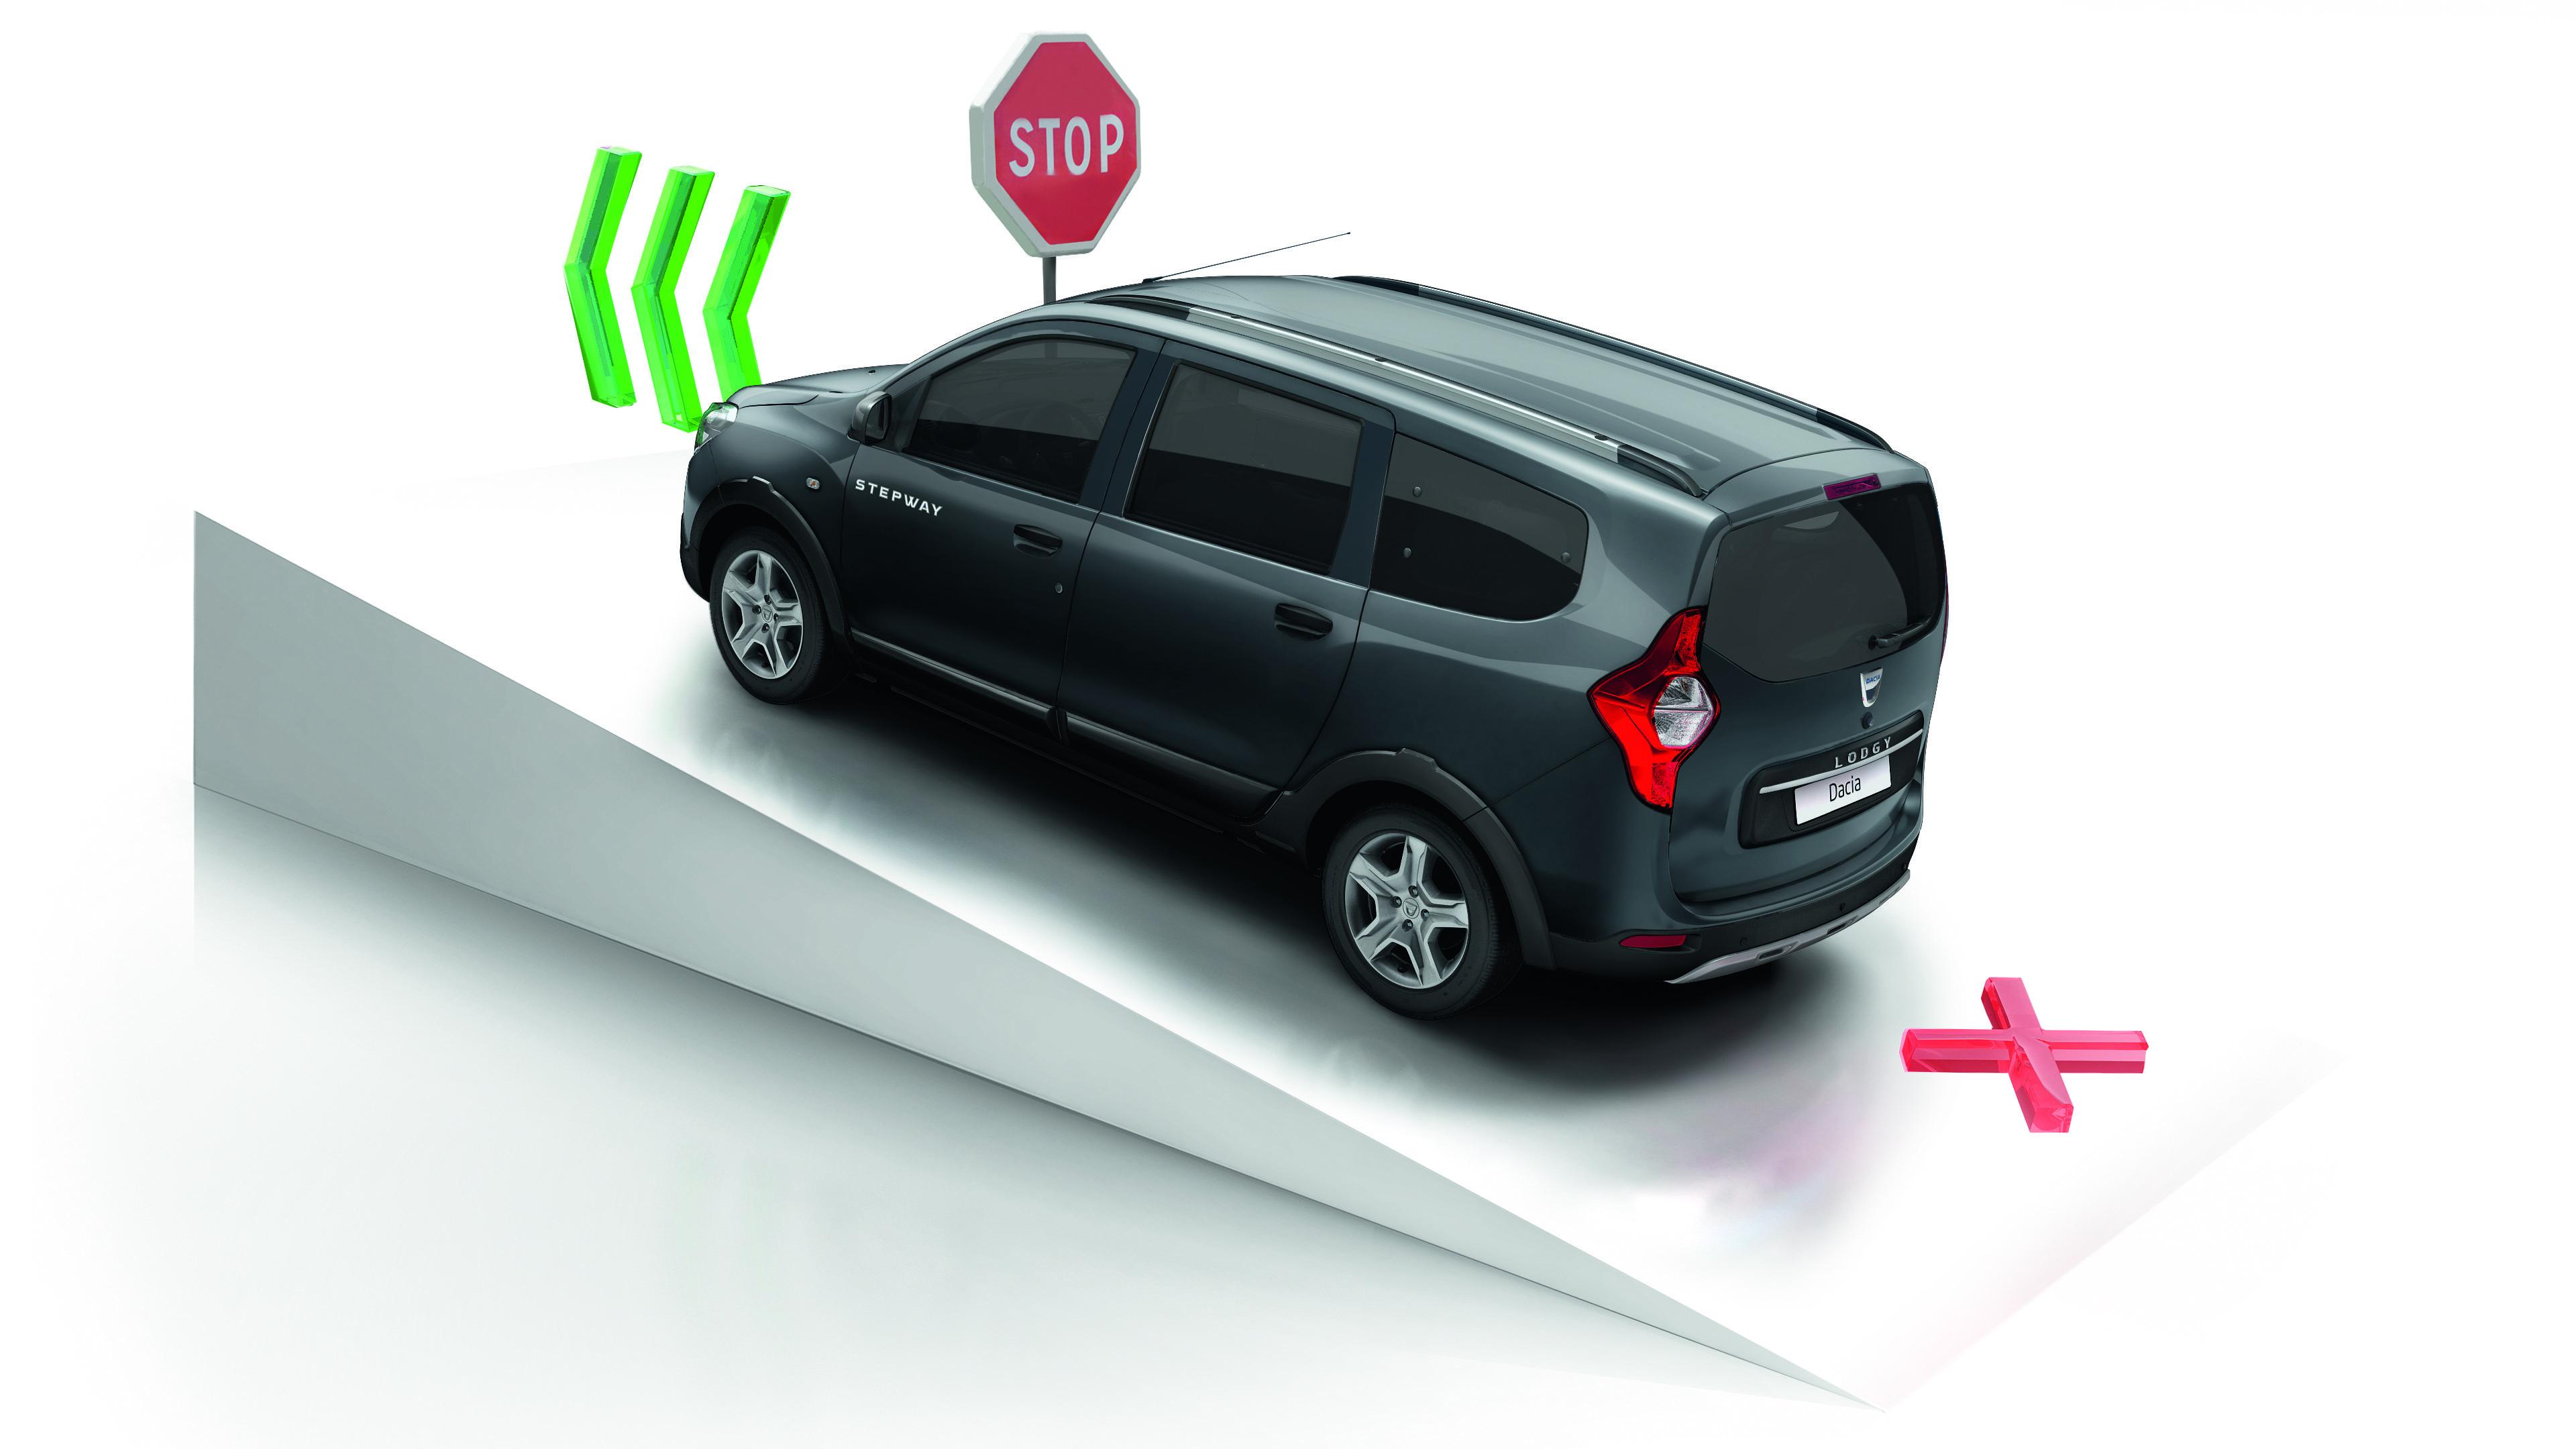 Elektronische Stabiliteits Controle met tractie- en onderstuurcontrole en Hill Start Assist